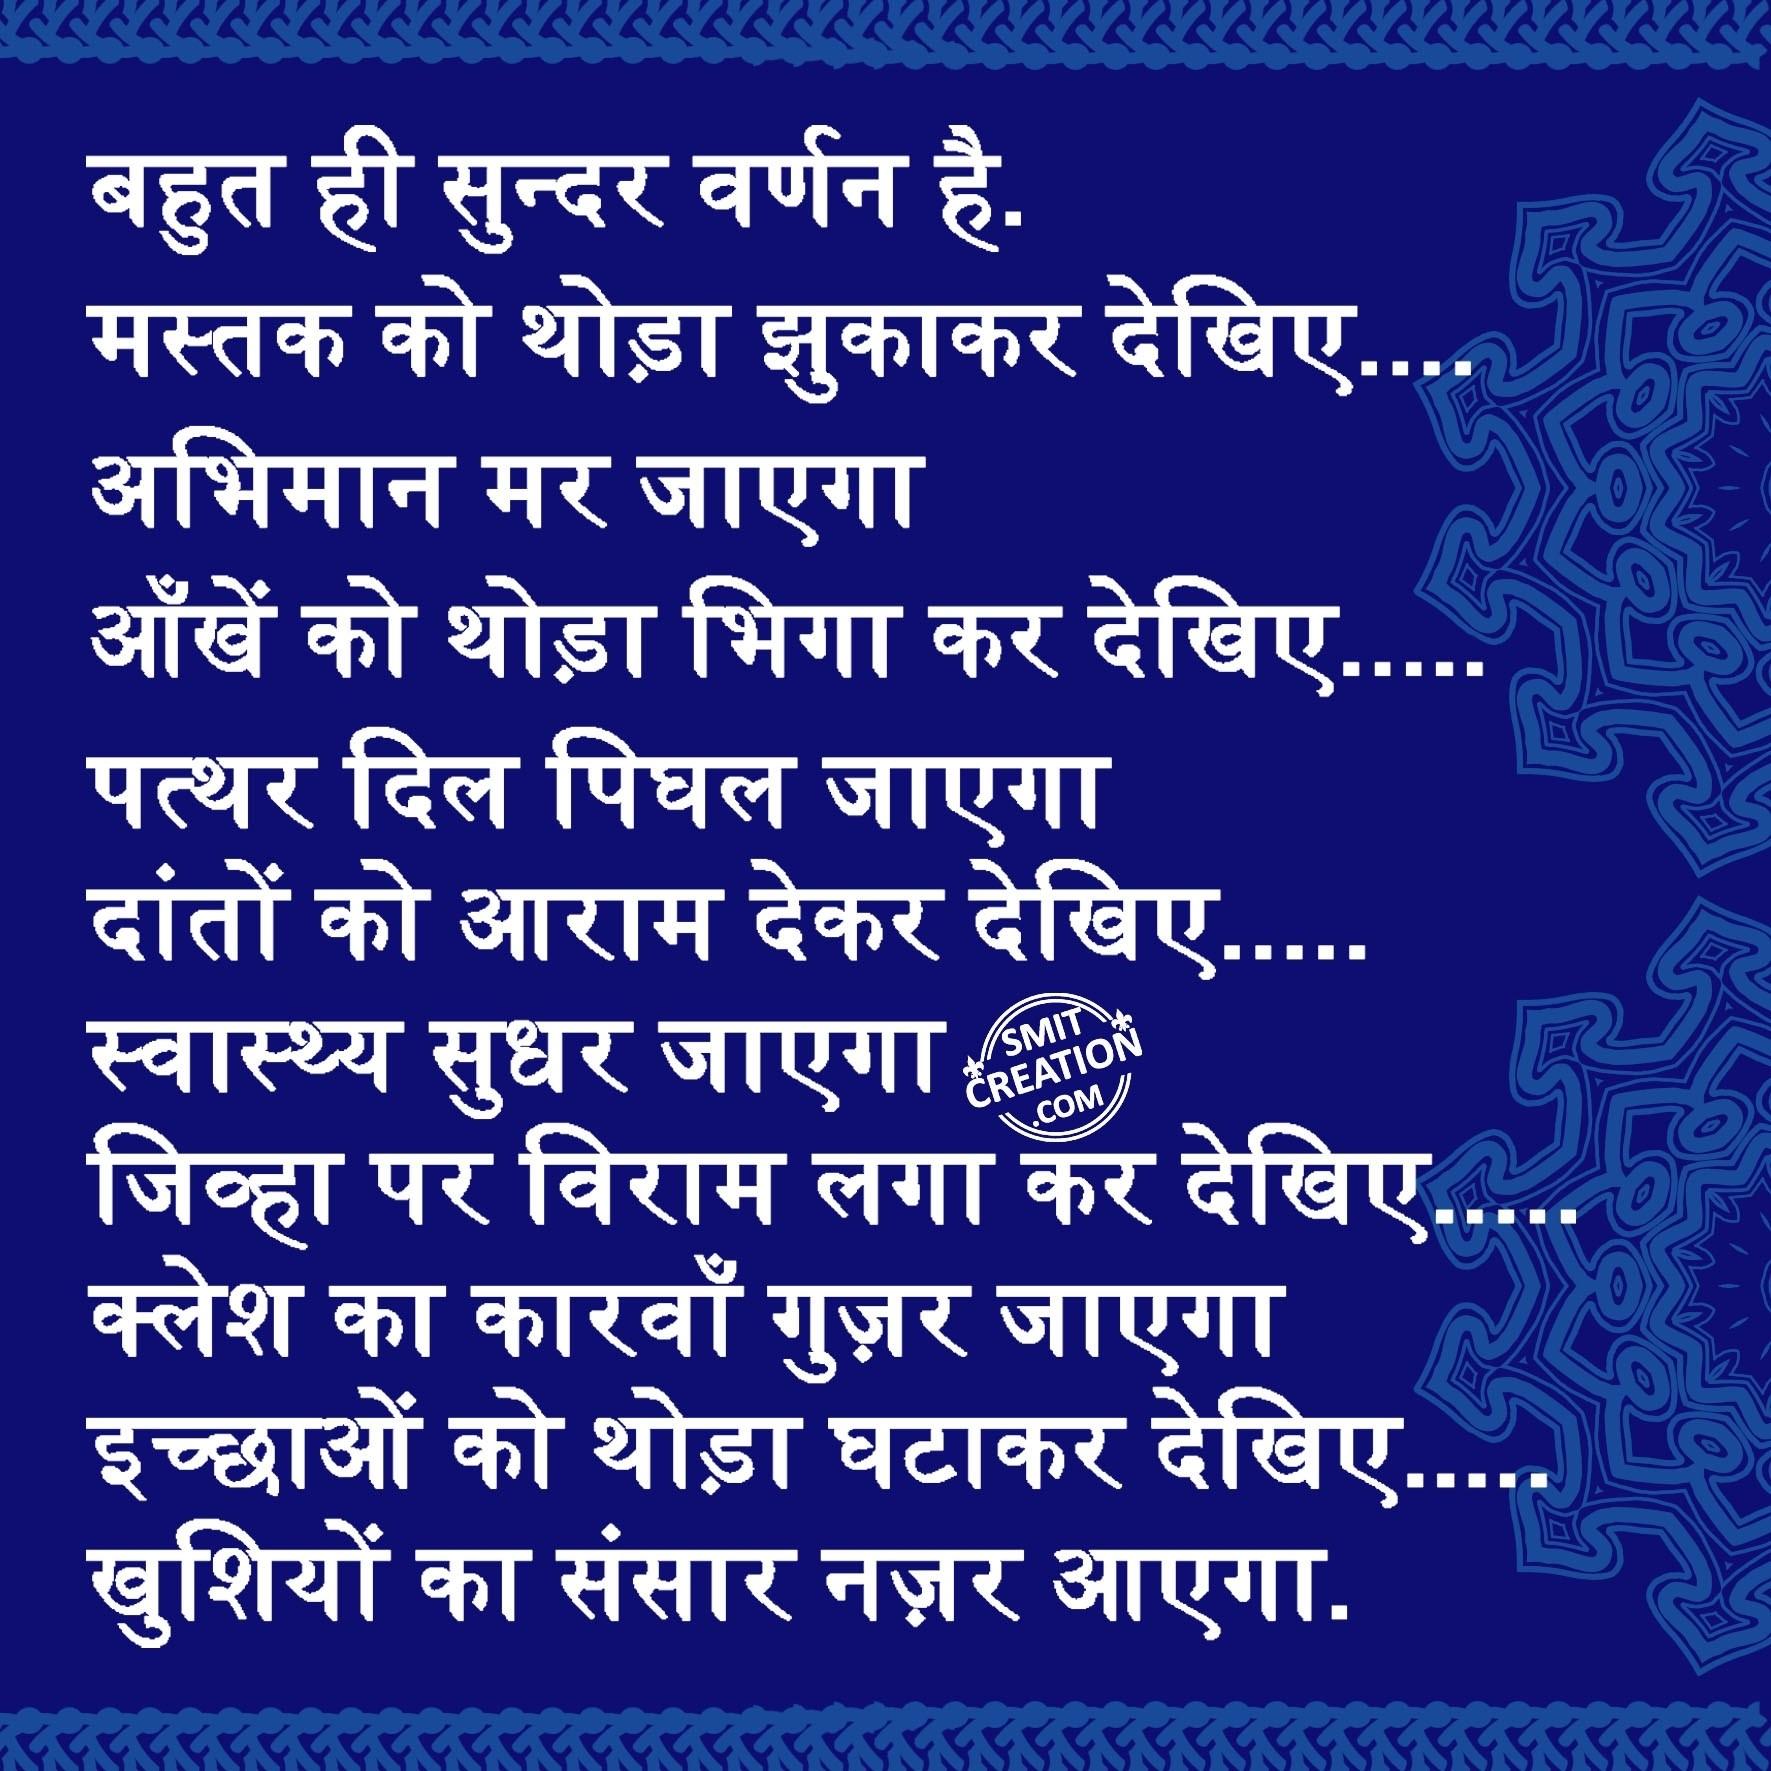 Quotes Of Love In Hindi: YEH KARKE DEKHIYE